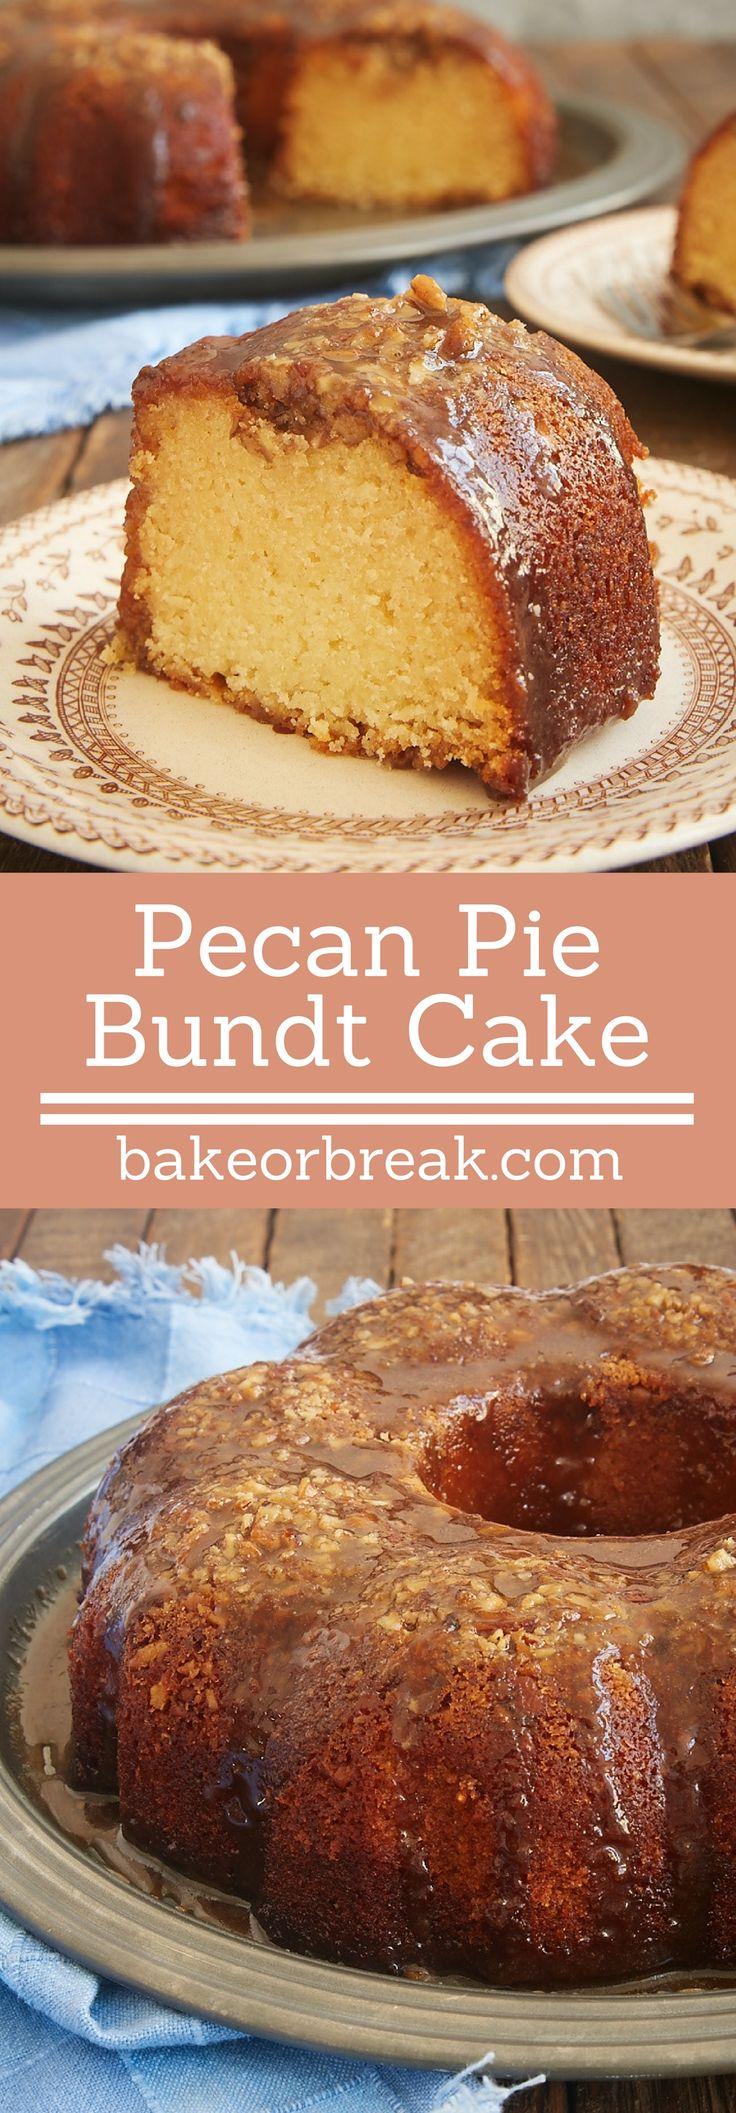 Pecan Pie Bundt Cake Recipe Savoury cake, Yummy cakes